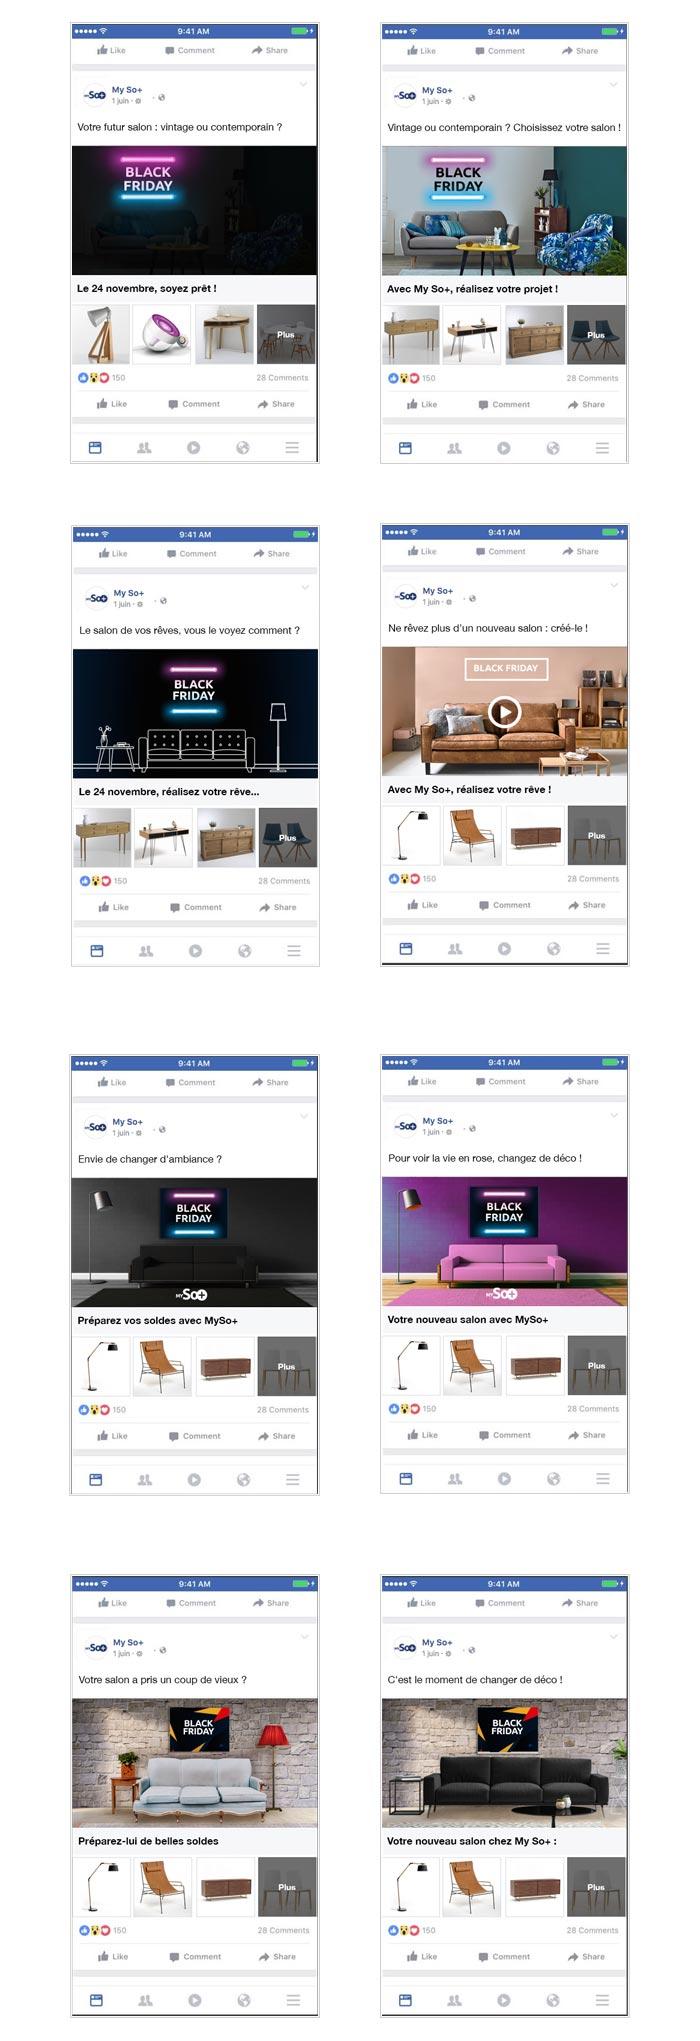 publicités sur Facebook pour le Black Friday